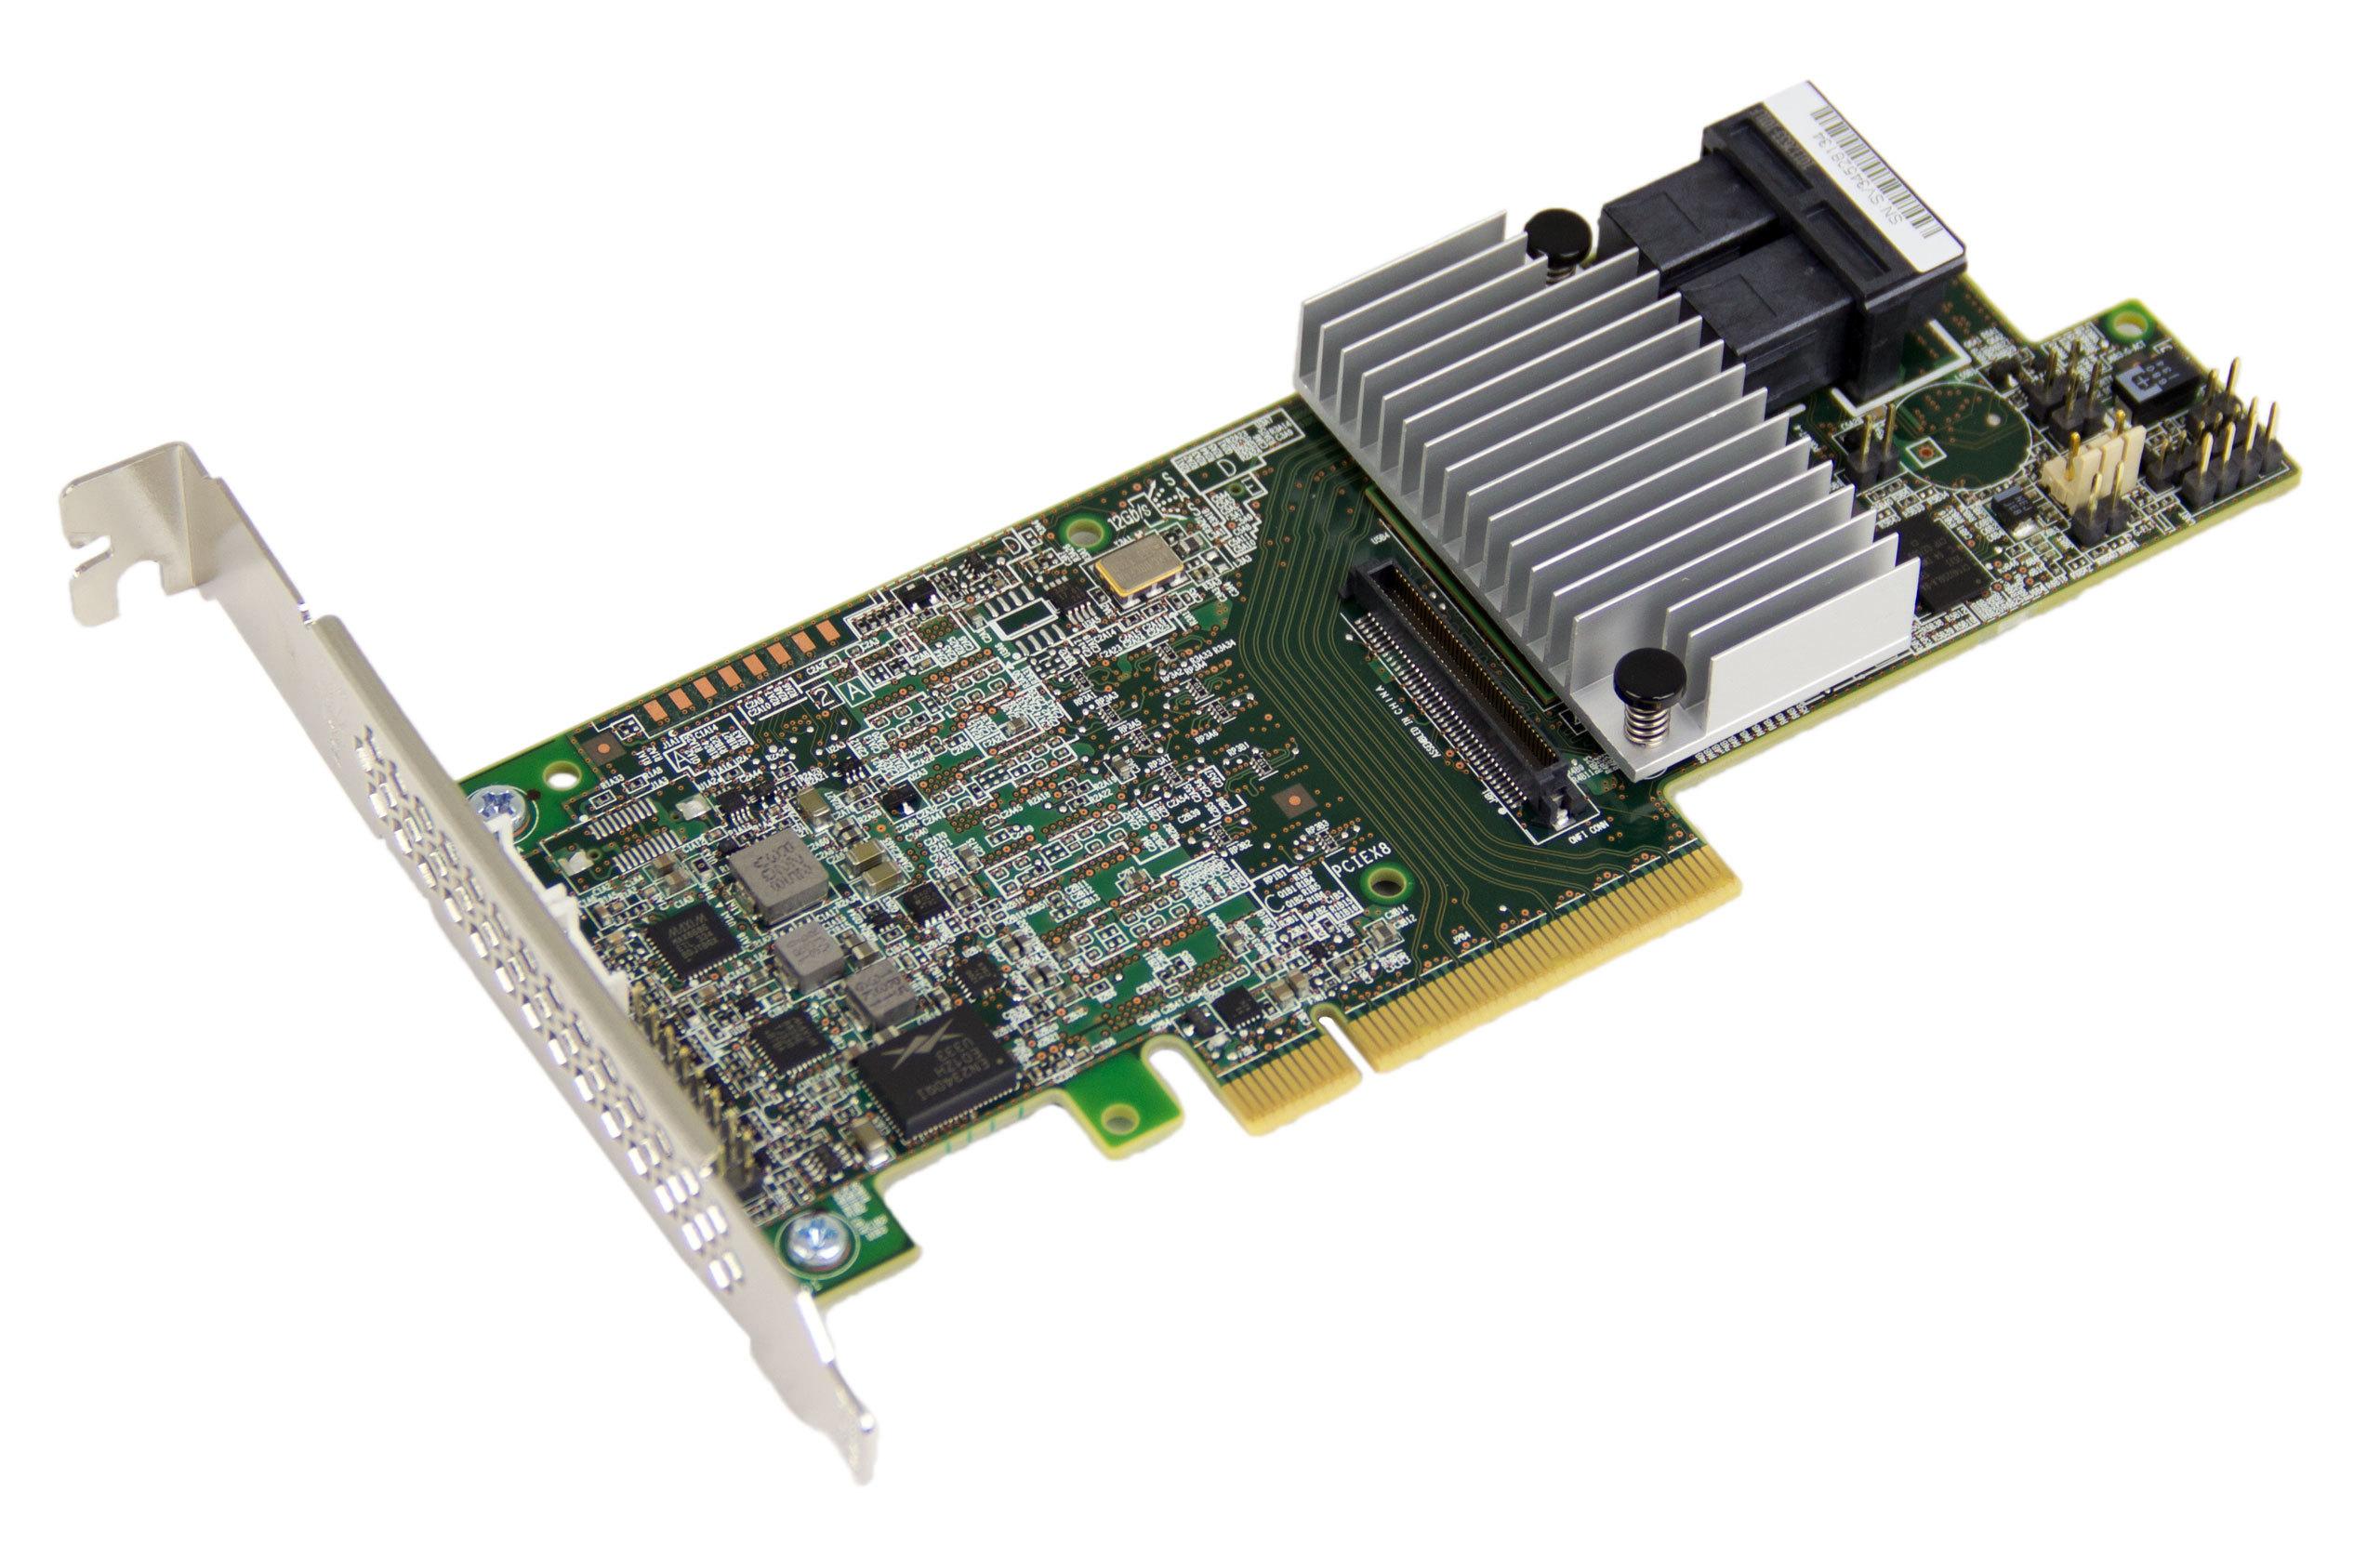 Qualification: LSI 9341-8i & 9361-8i RAID Controllers